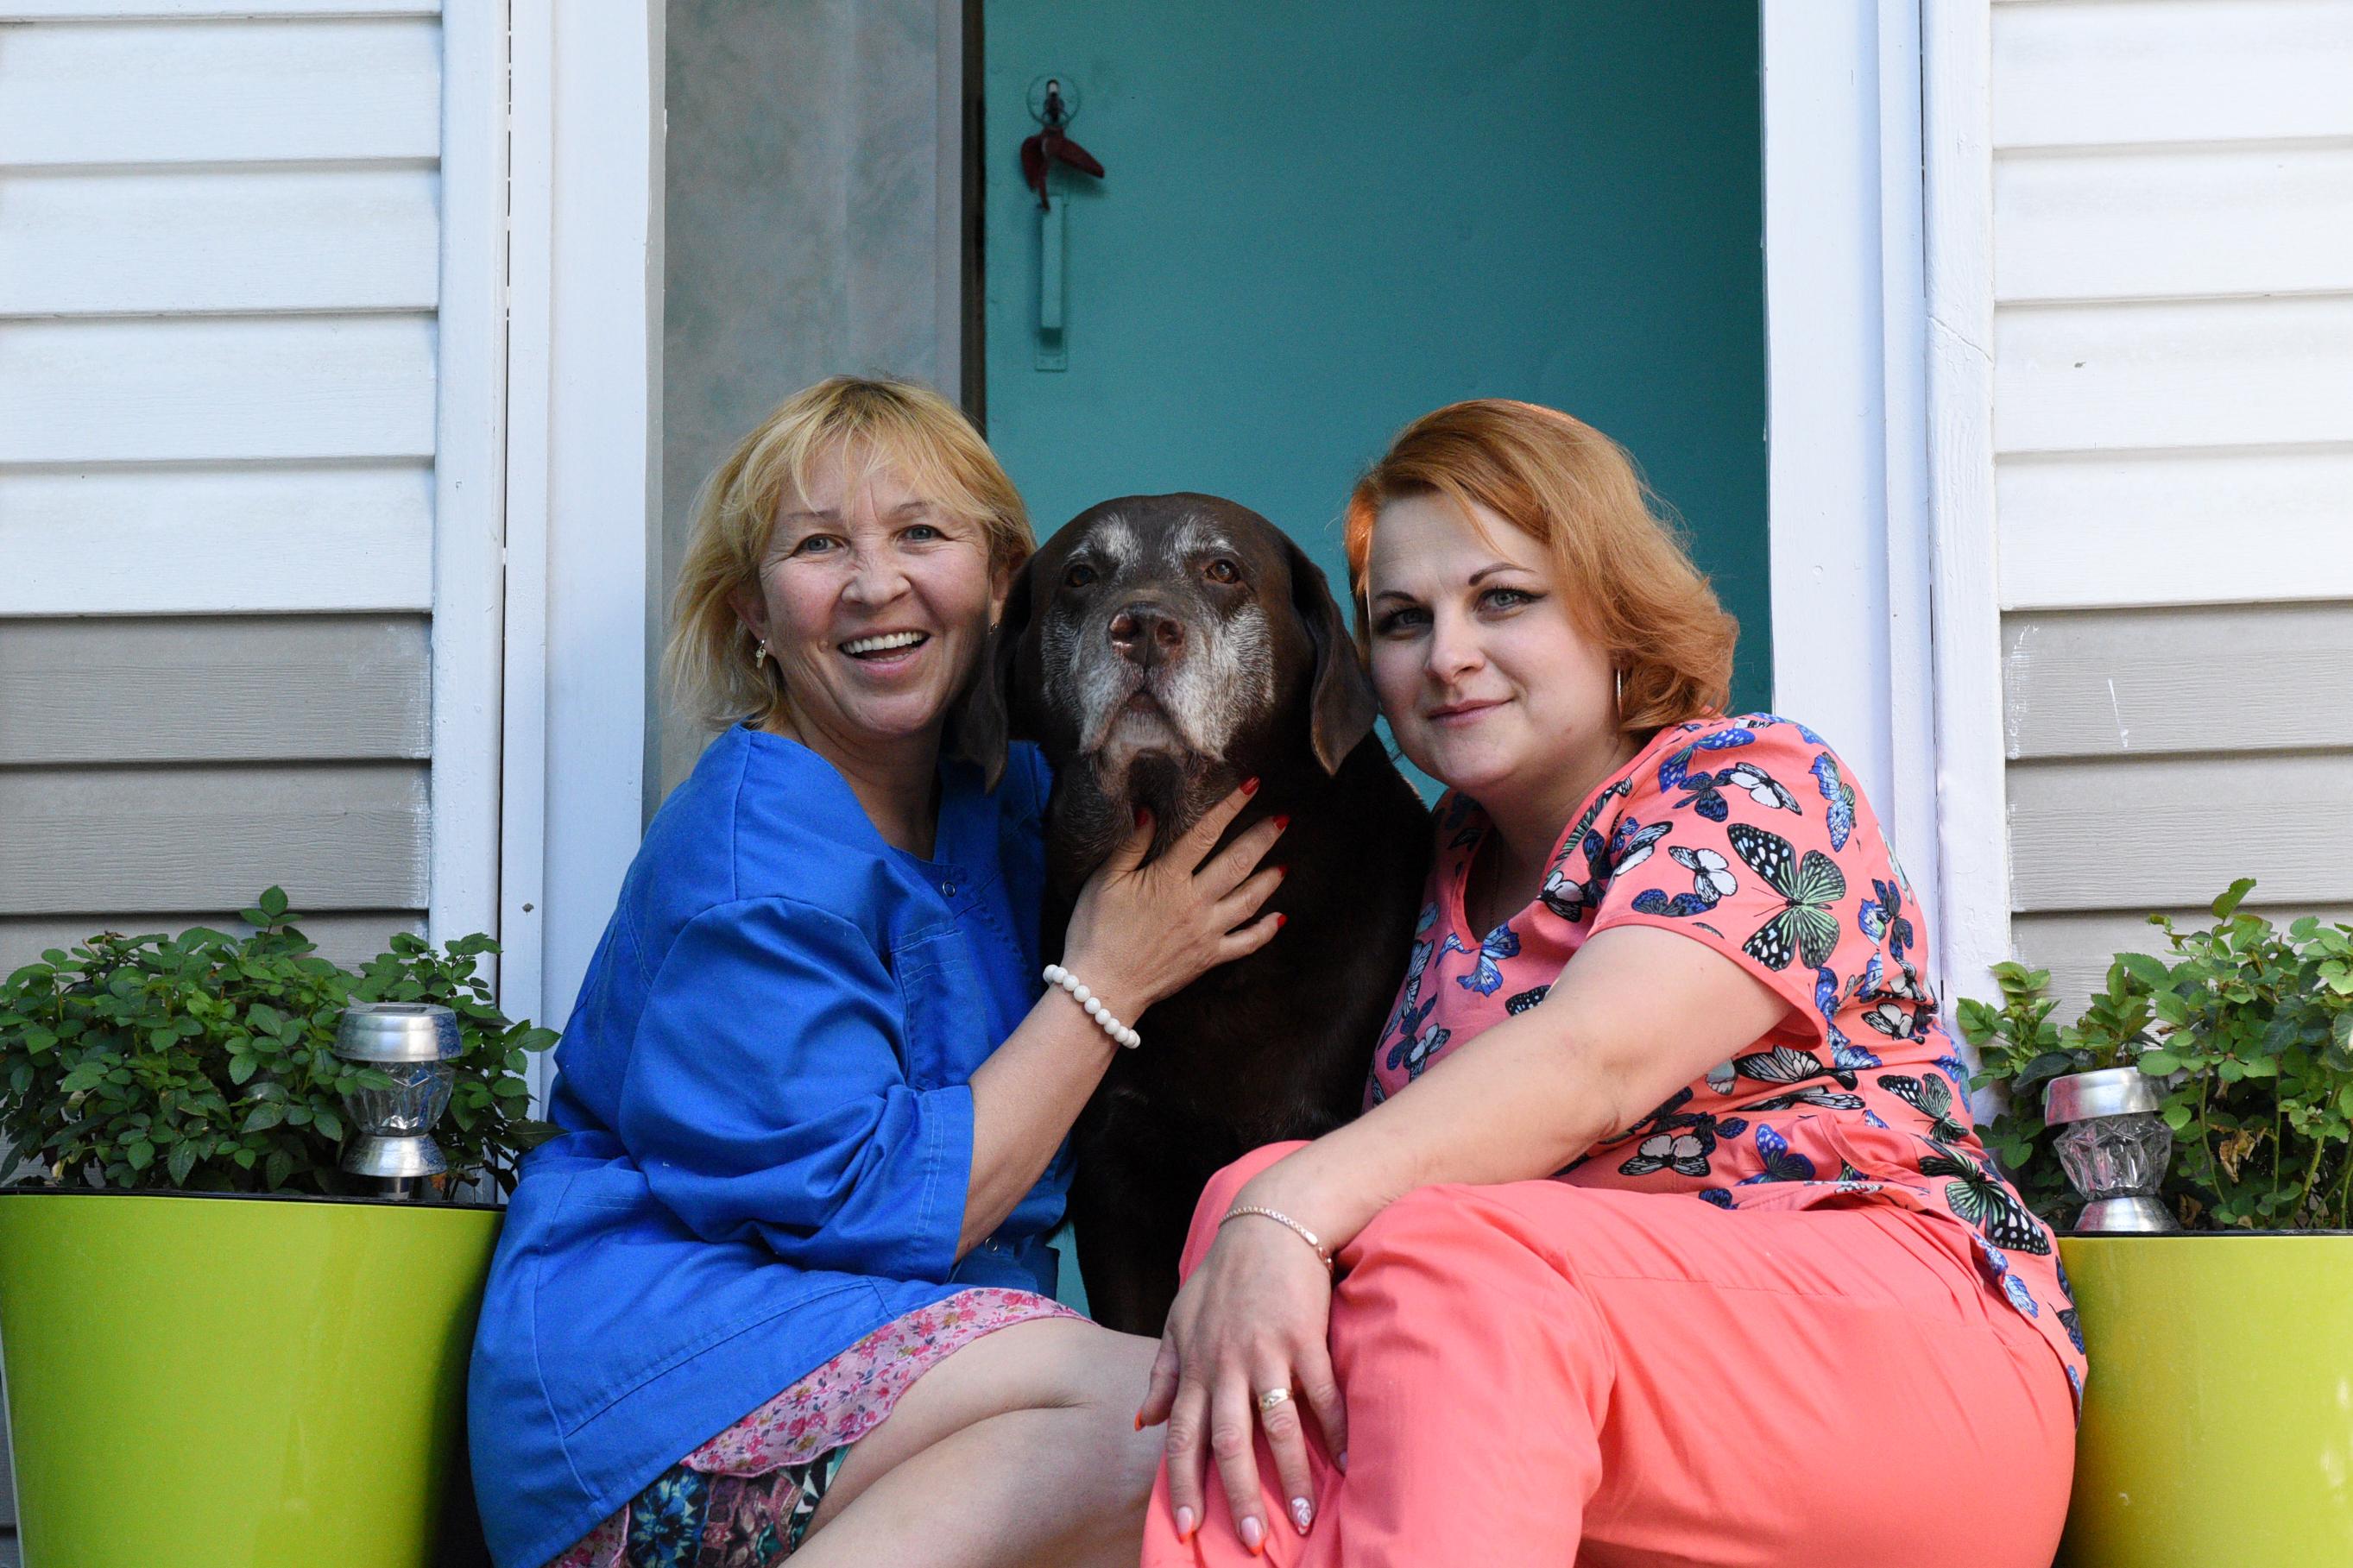 Москвичам рассказали о влиянии собак на душевный комфорт